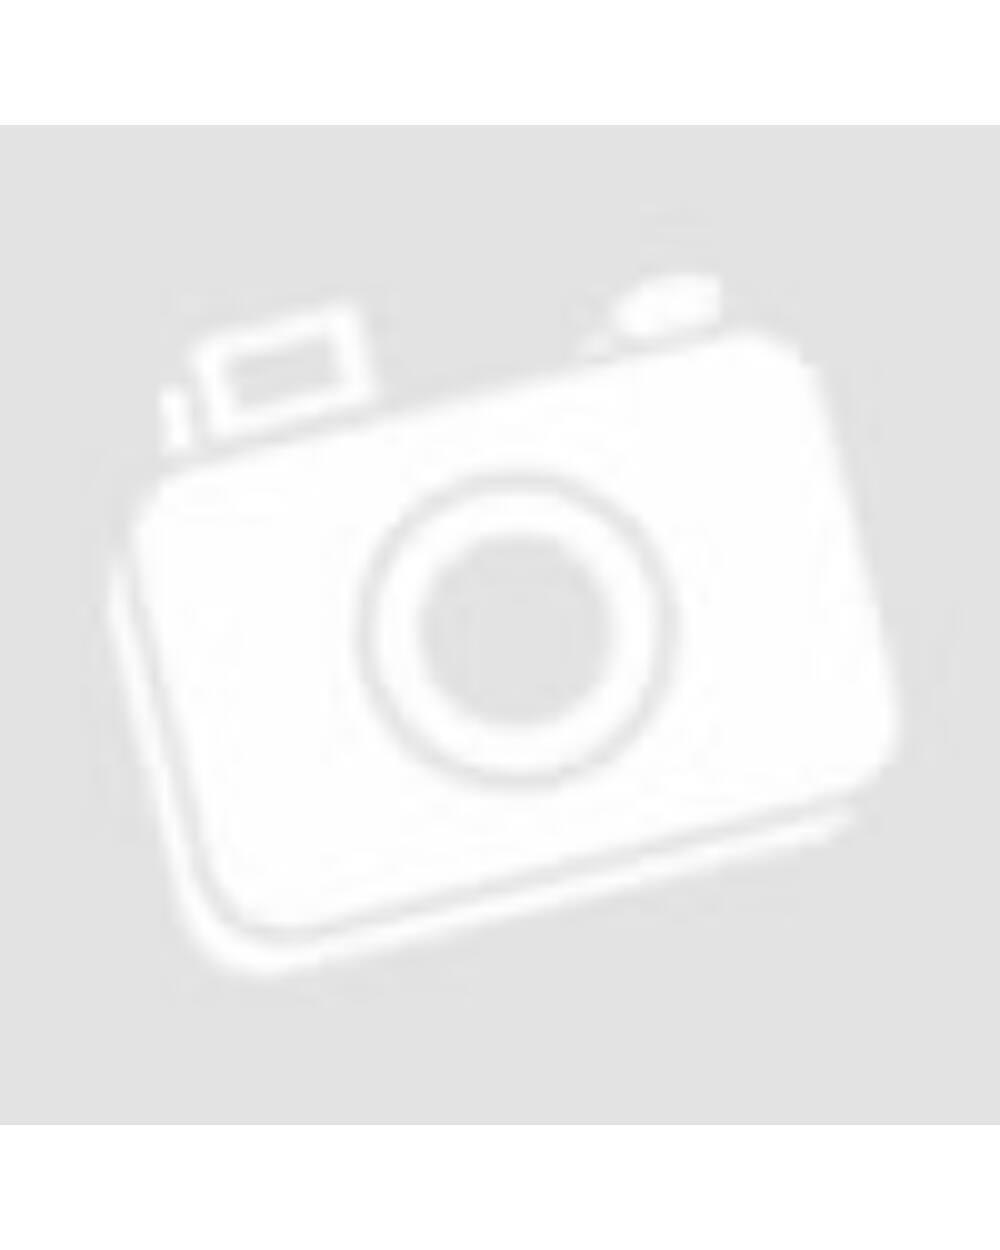 """Woom 3 kék 16"""" gyerek kerékpár, 105-120 cm testmagasság, 5.3 kg"""